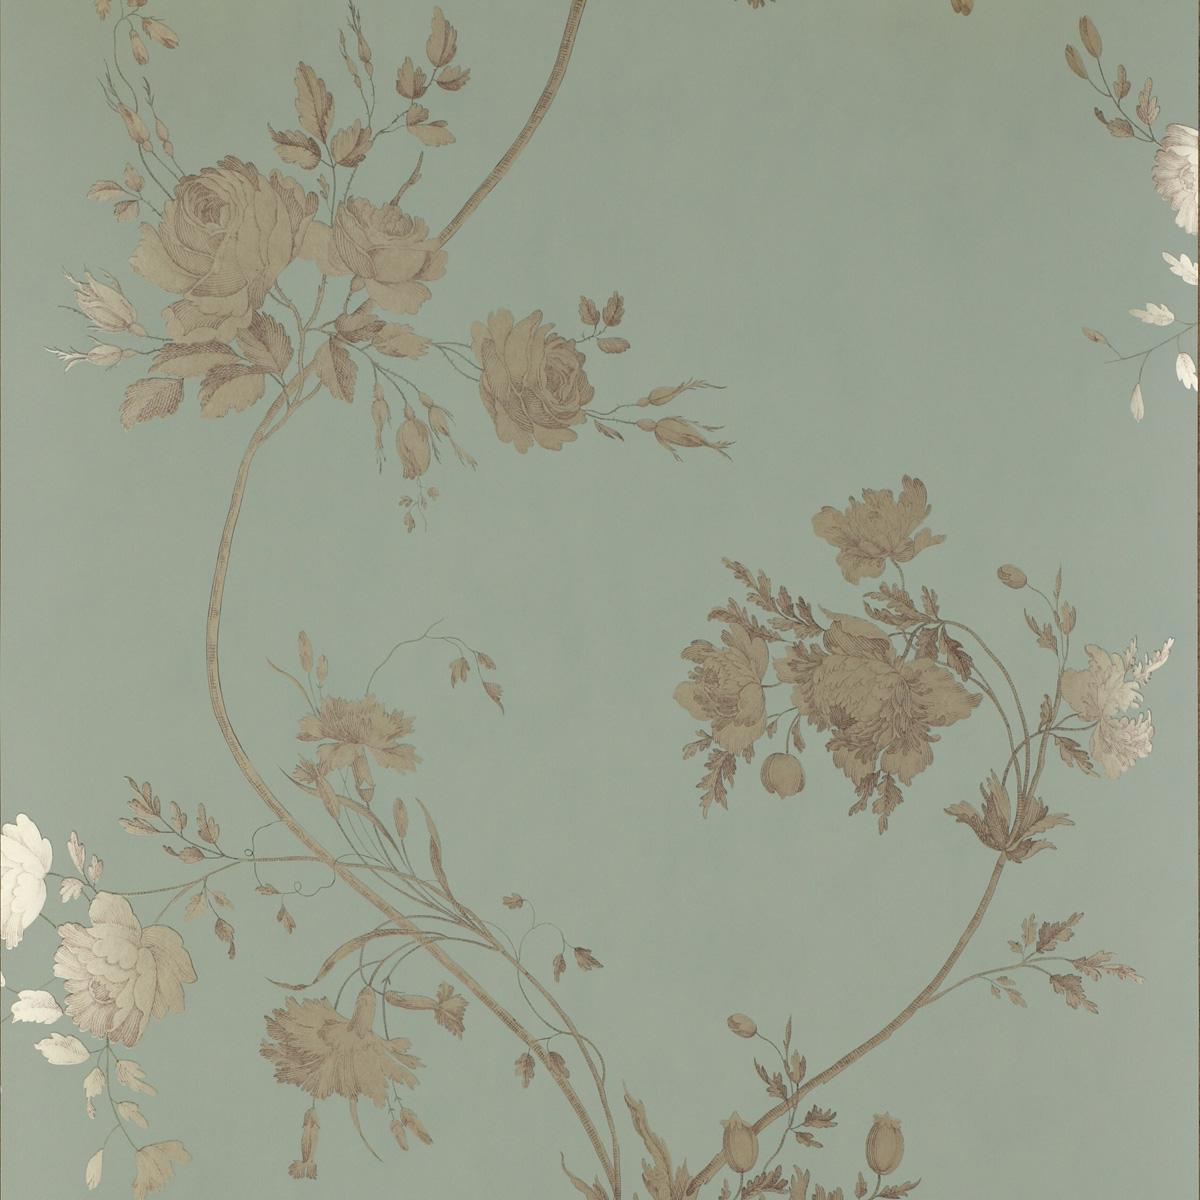 tapete wallpaper. Black Bedroom Furniture Sets. Home Design Ideas